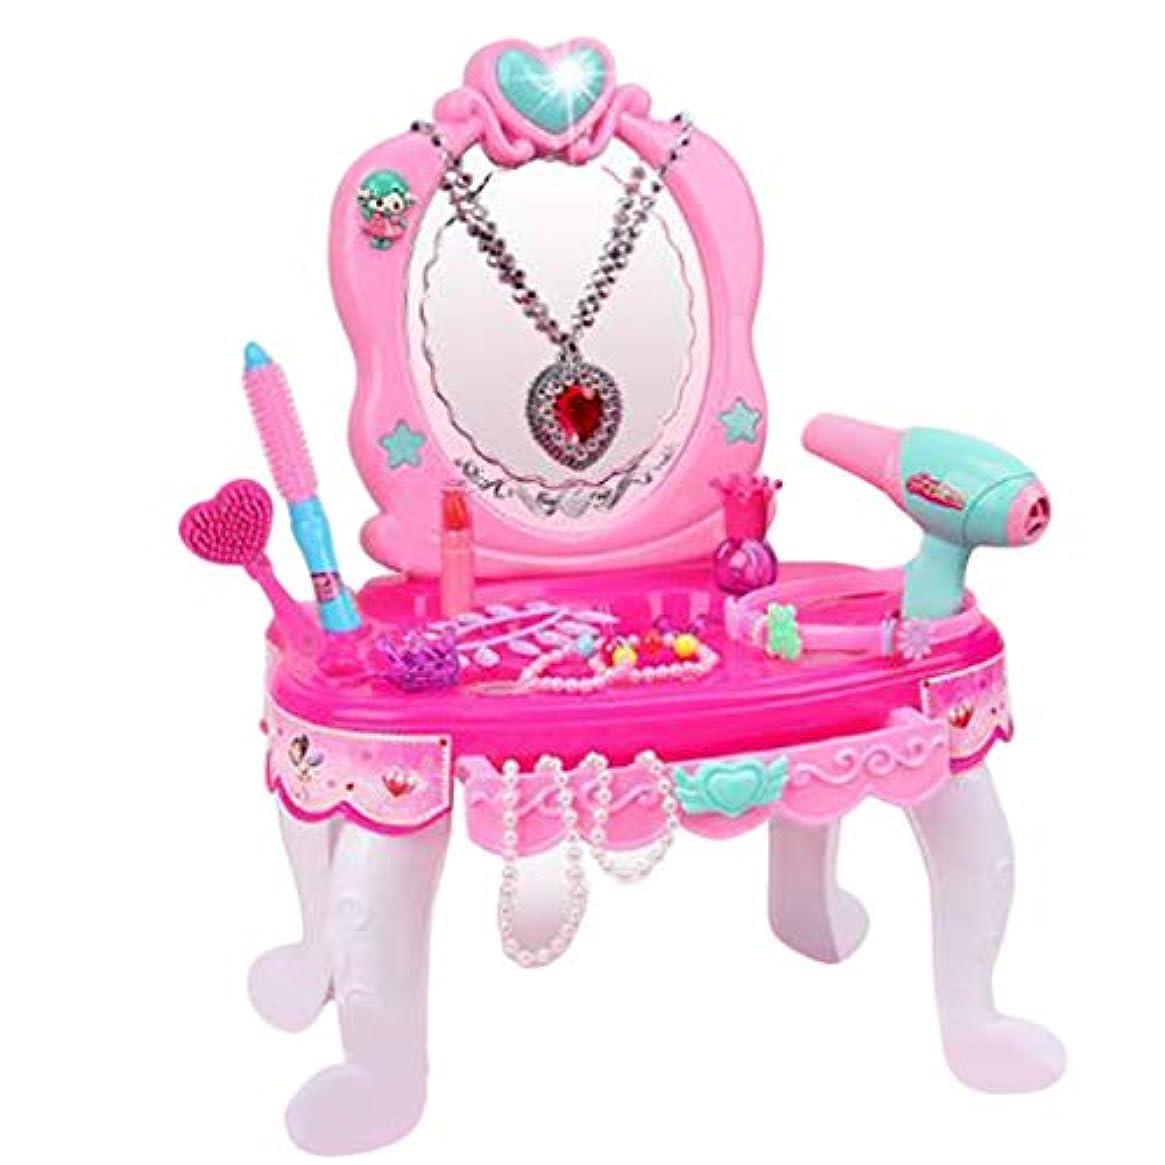 無意味不実頼るInjoyo ドレッシング テーブル 知育玩具ミラー ネックレス メイクふりおもちゃ 女の子 ロールプレイセット